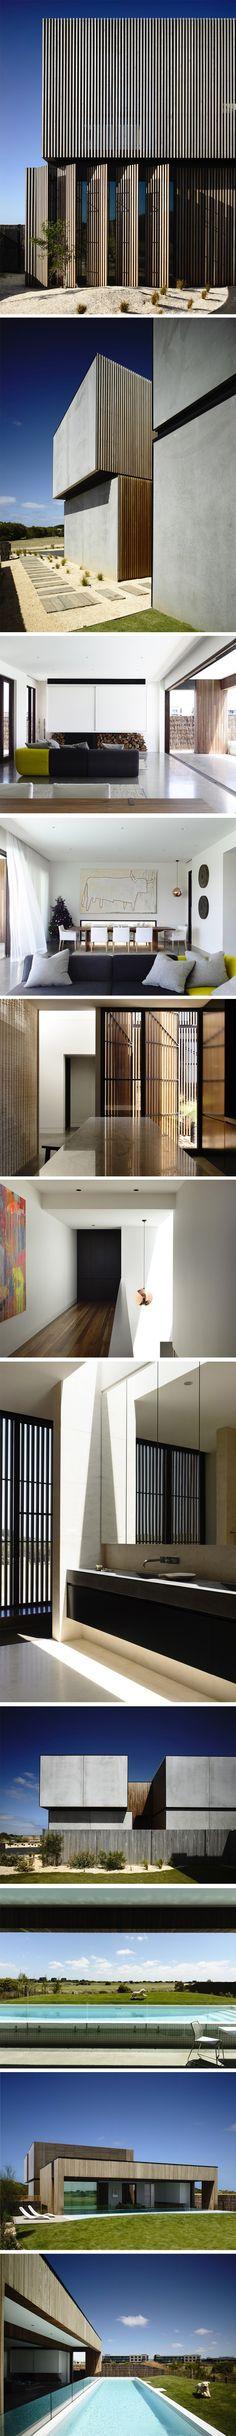 maison-2g #facade #design D-Architecture Pinterest Facade